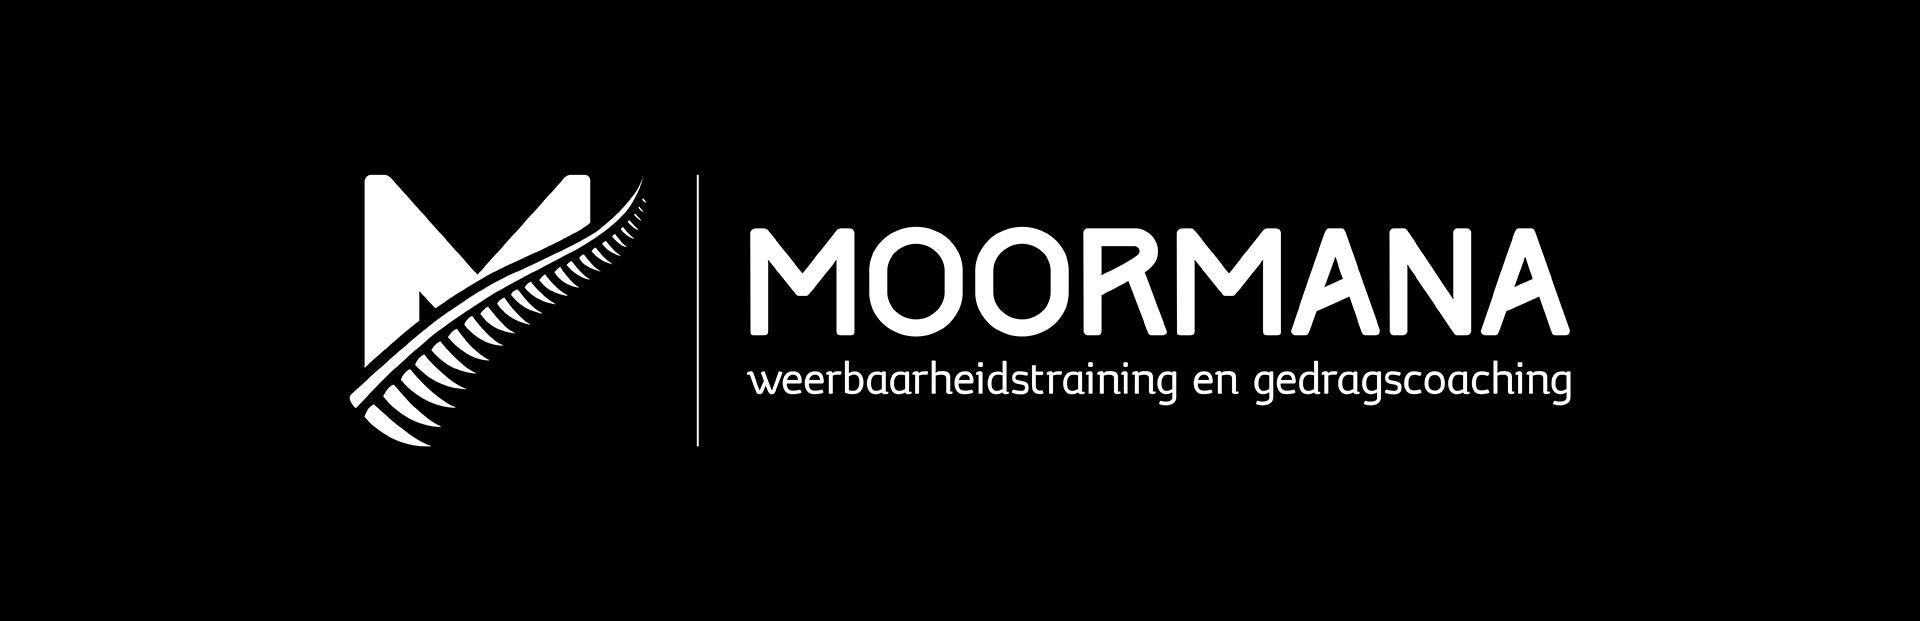 Moormana